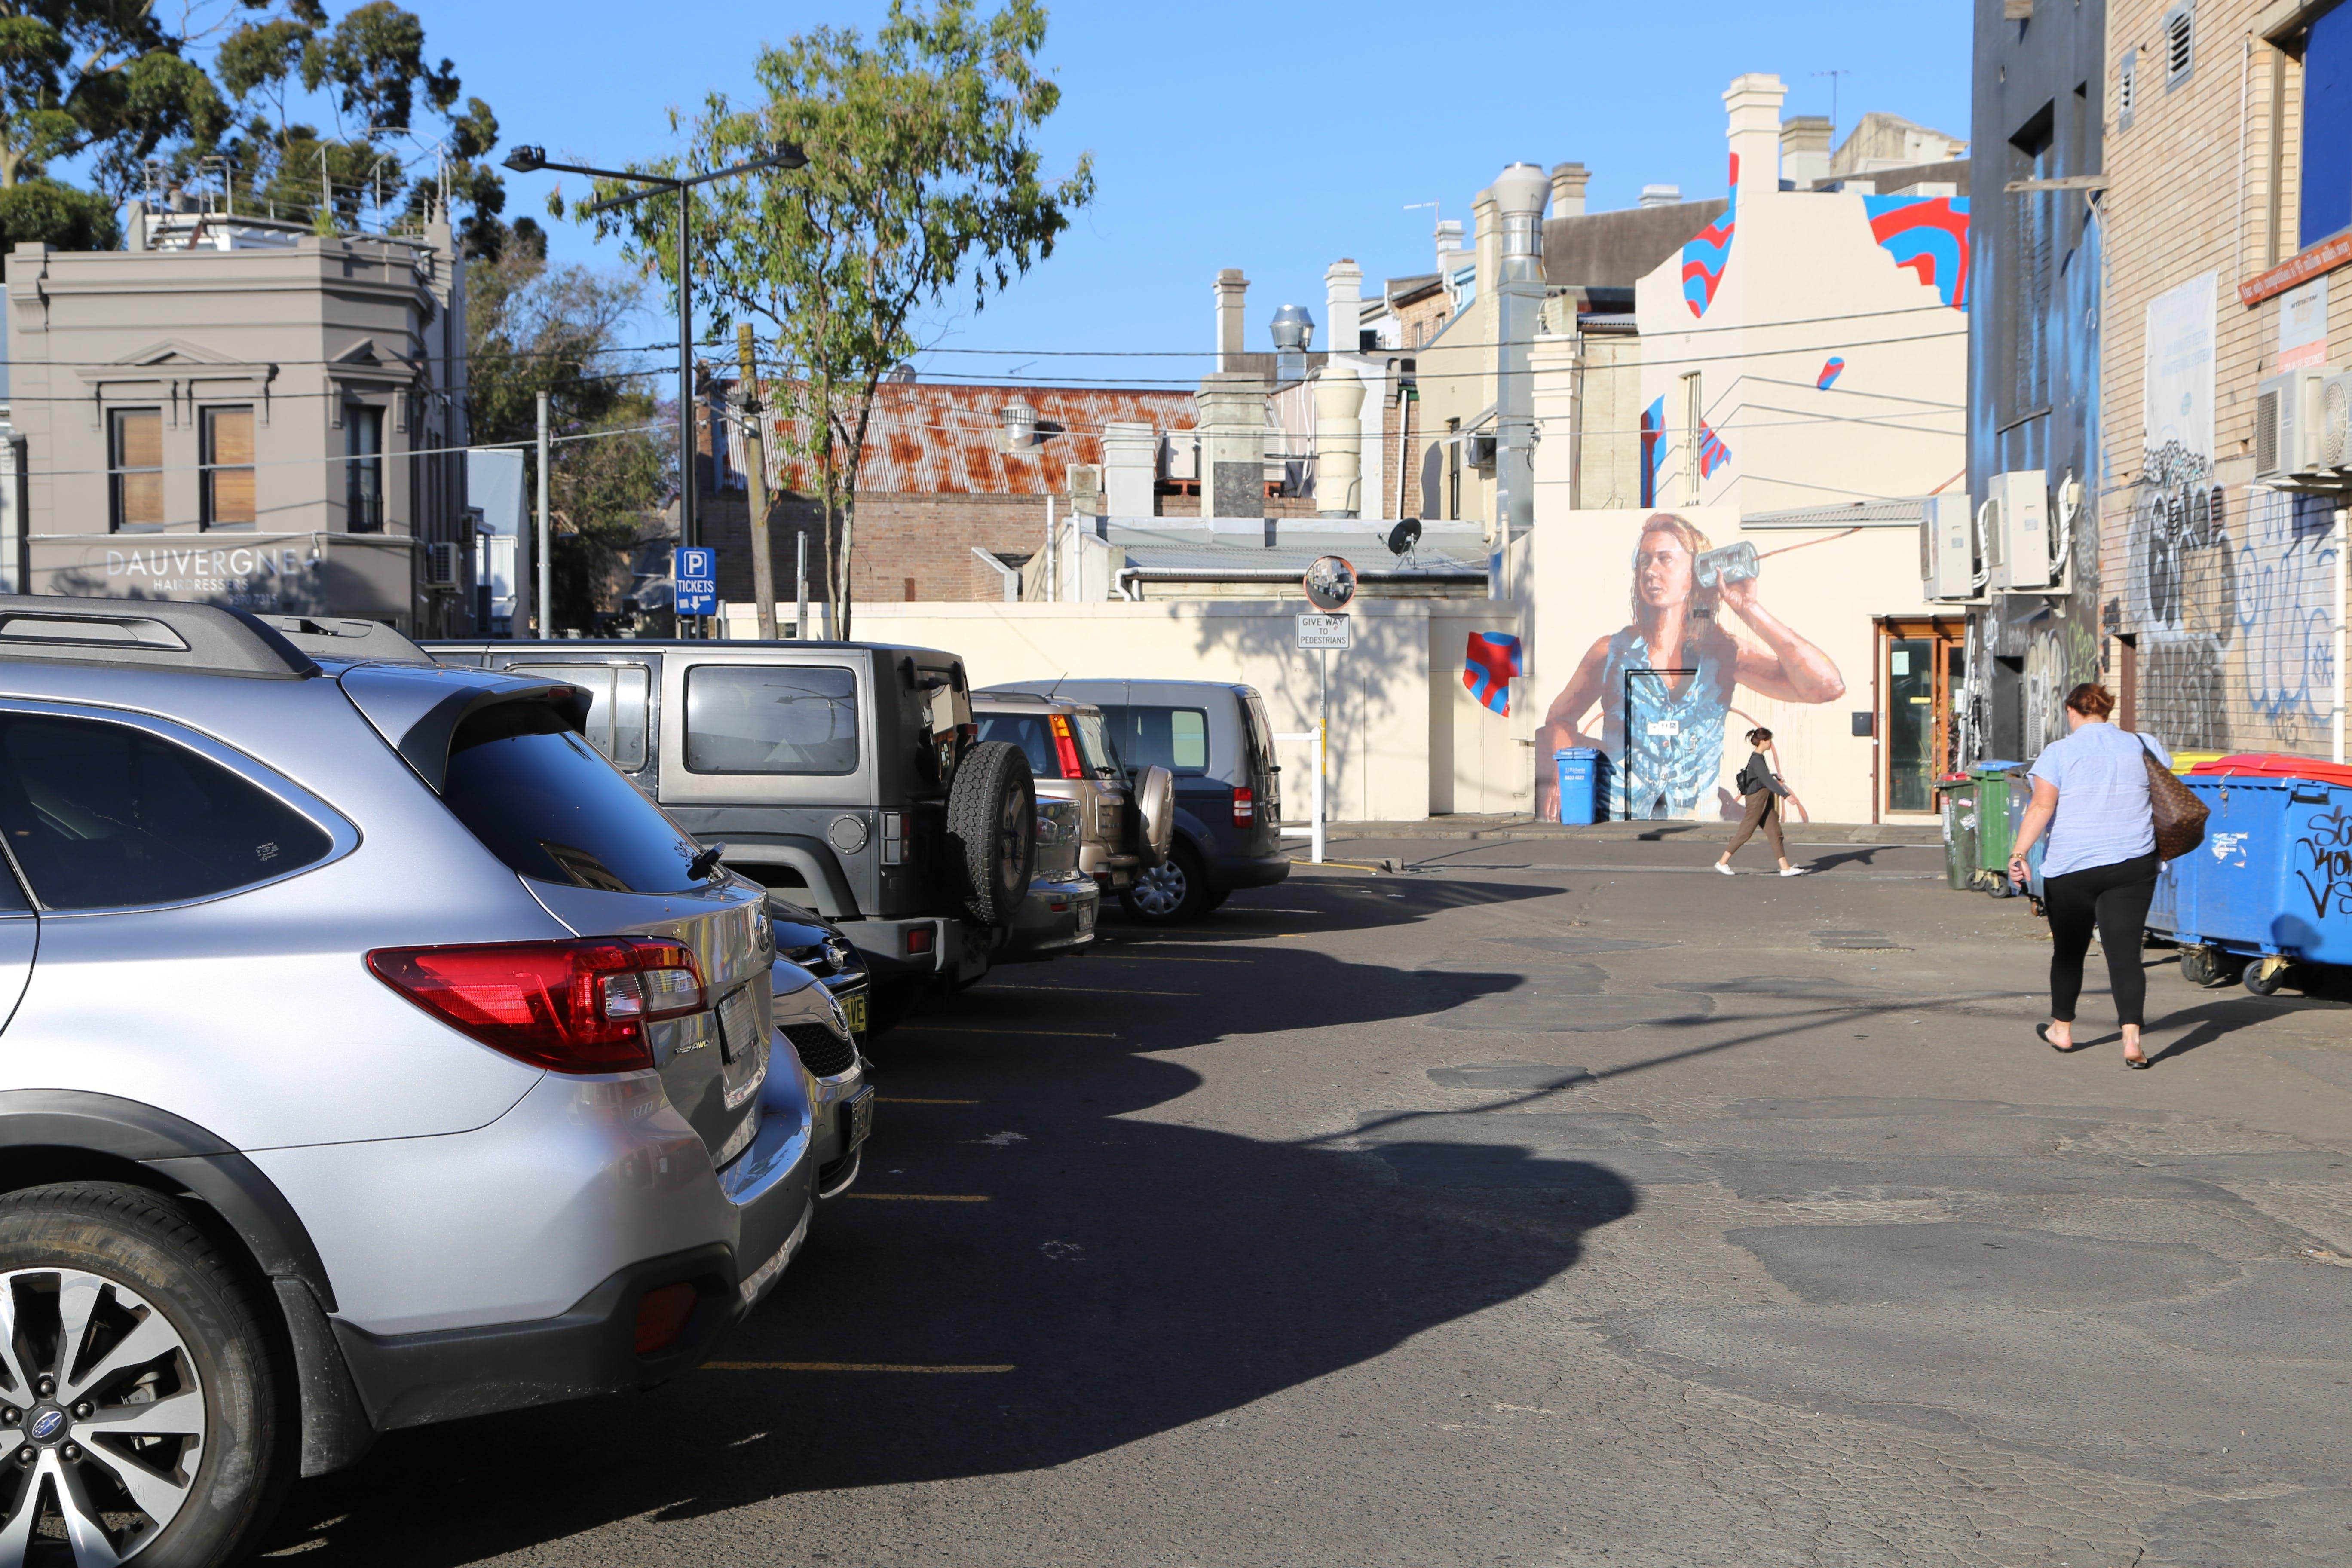 Lennox Street Carpark